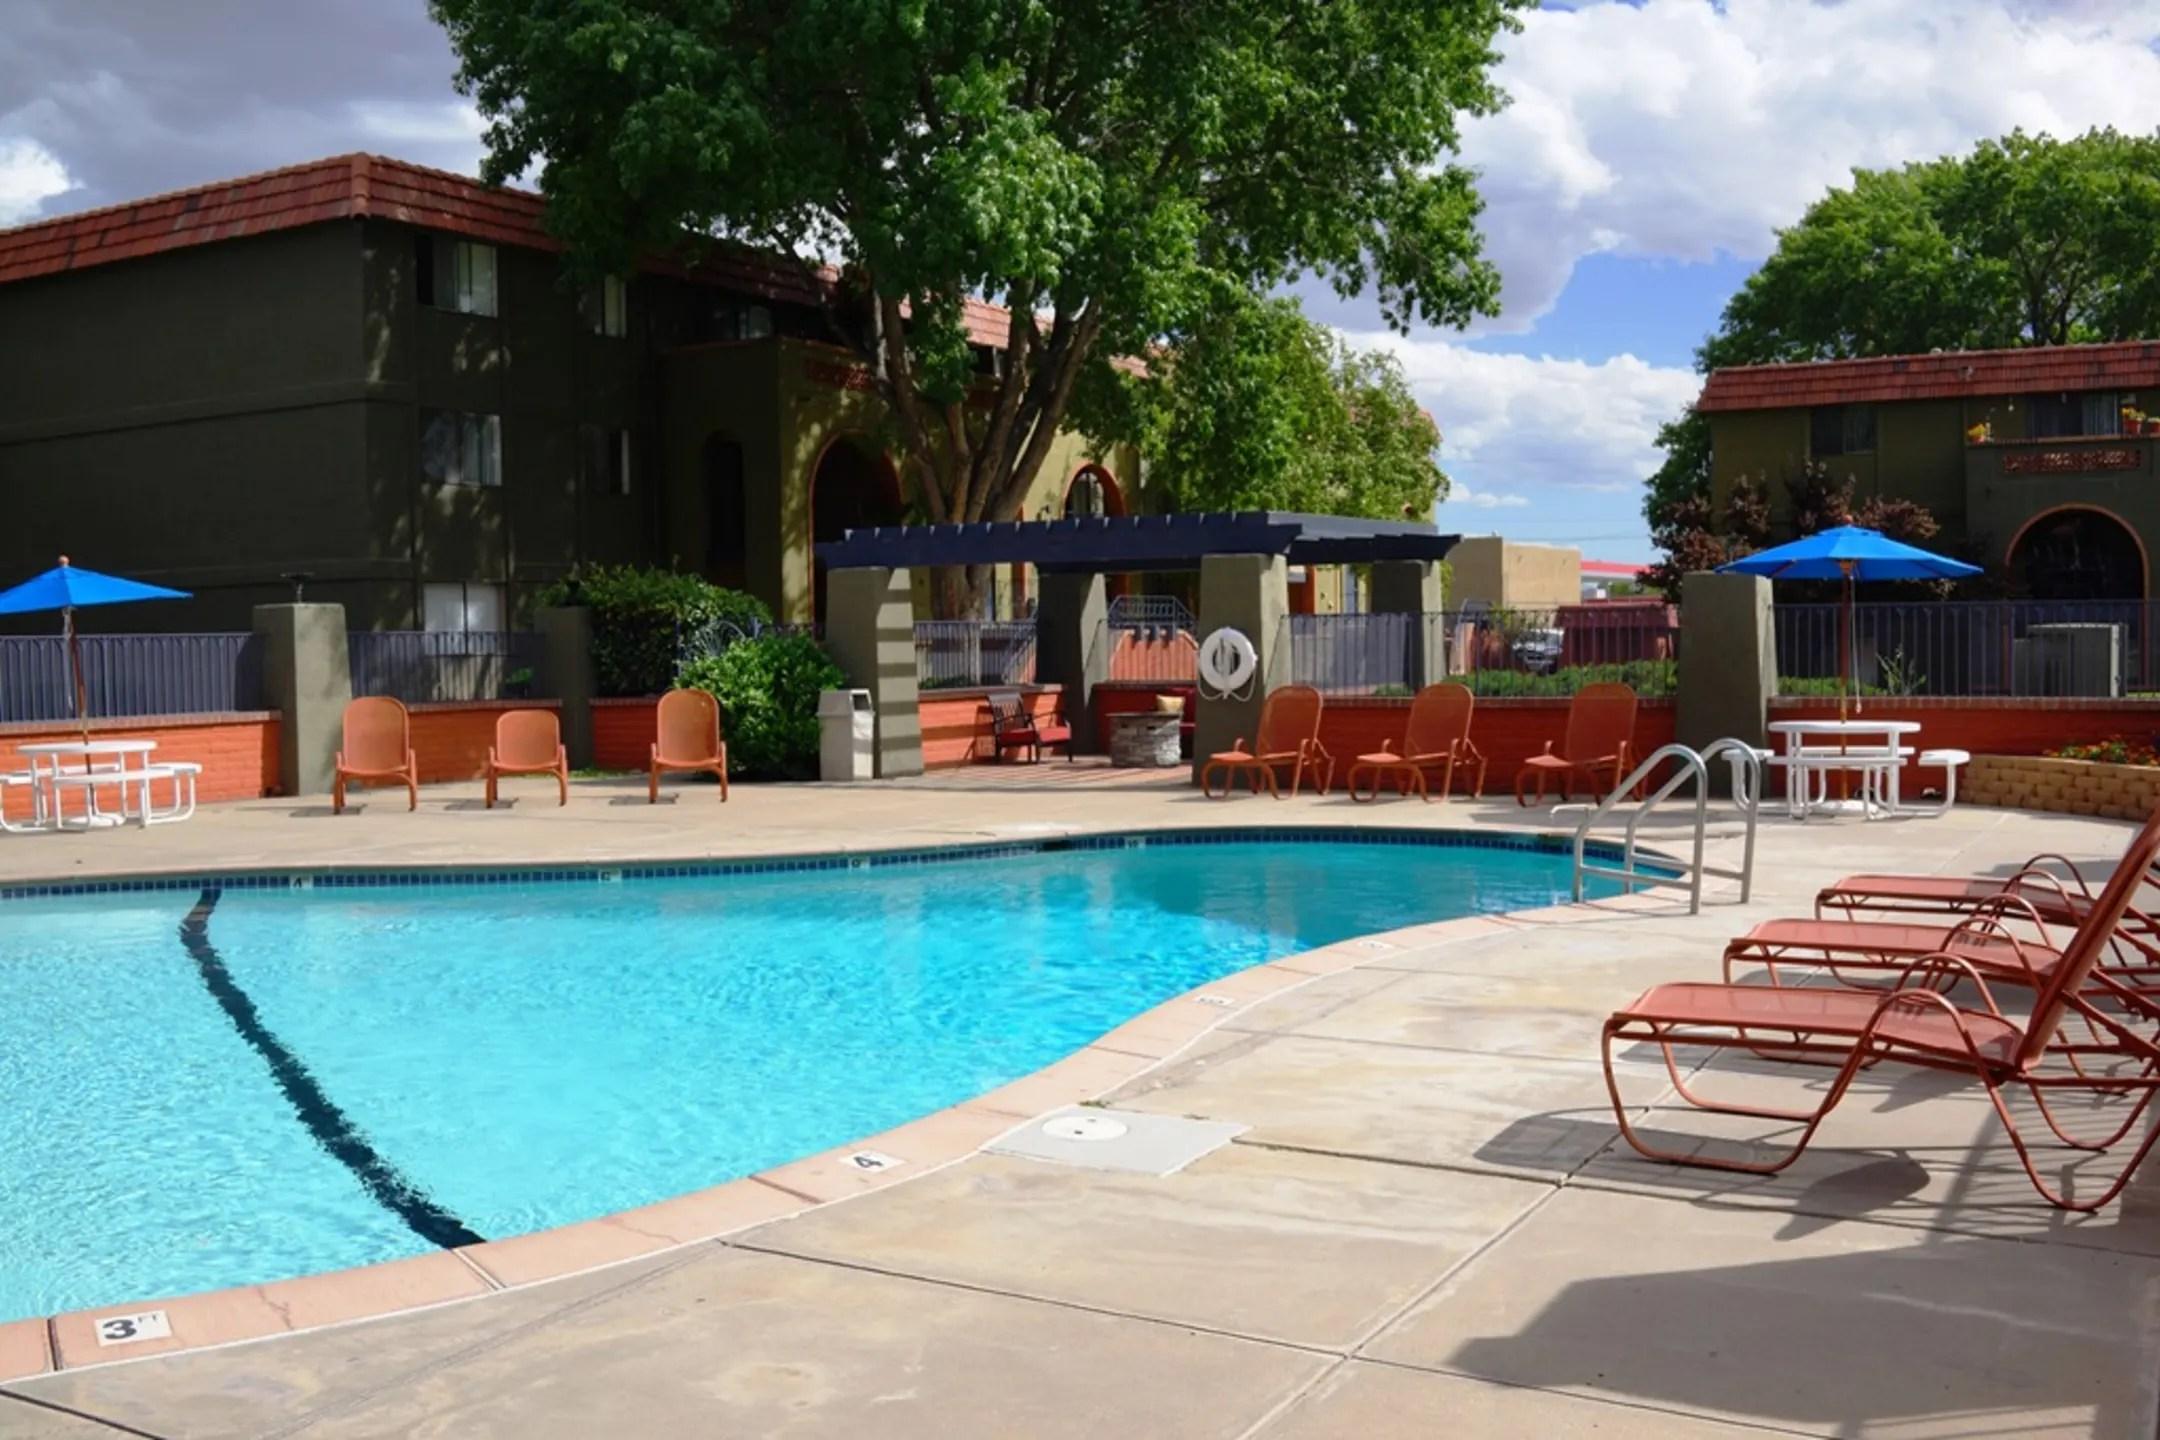 Monterra Apartments  Albuquerque NM 87109